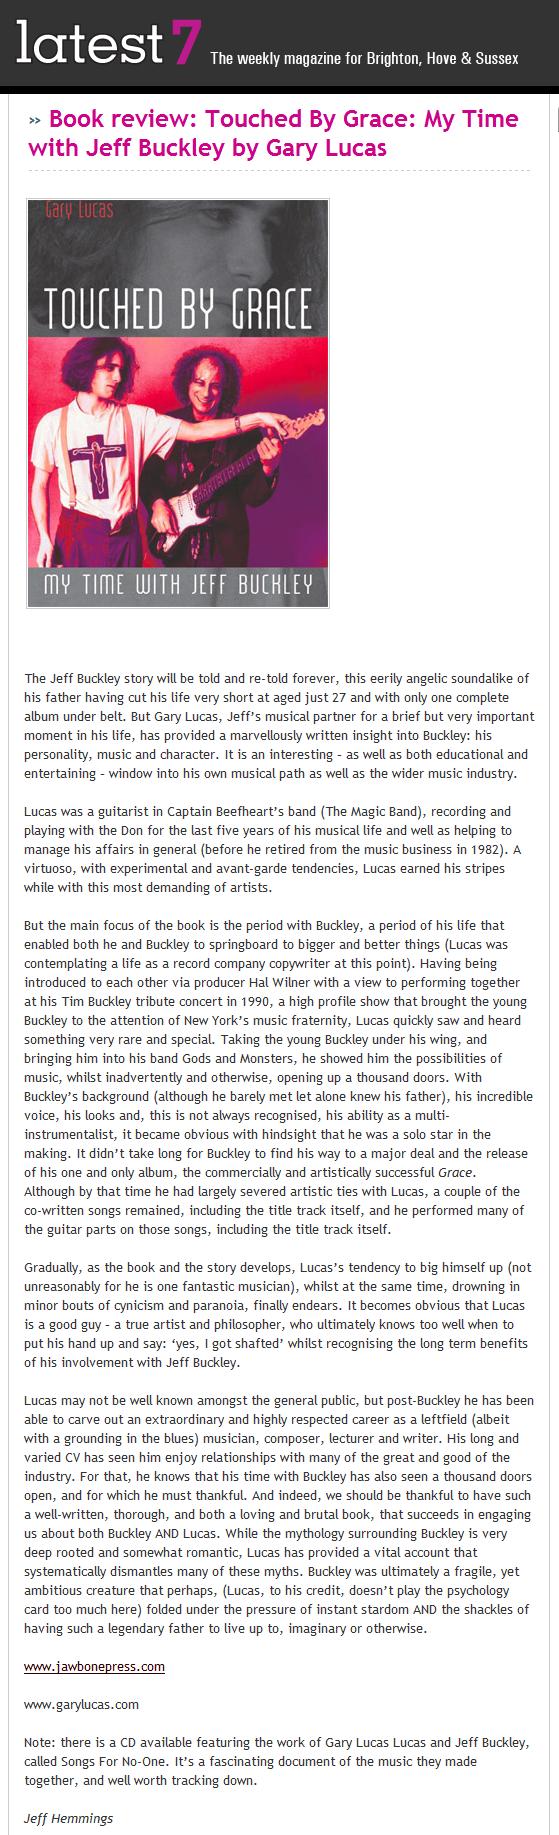 Gary Lucas :: reviews